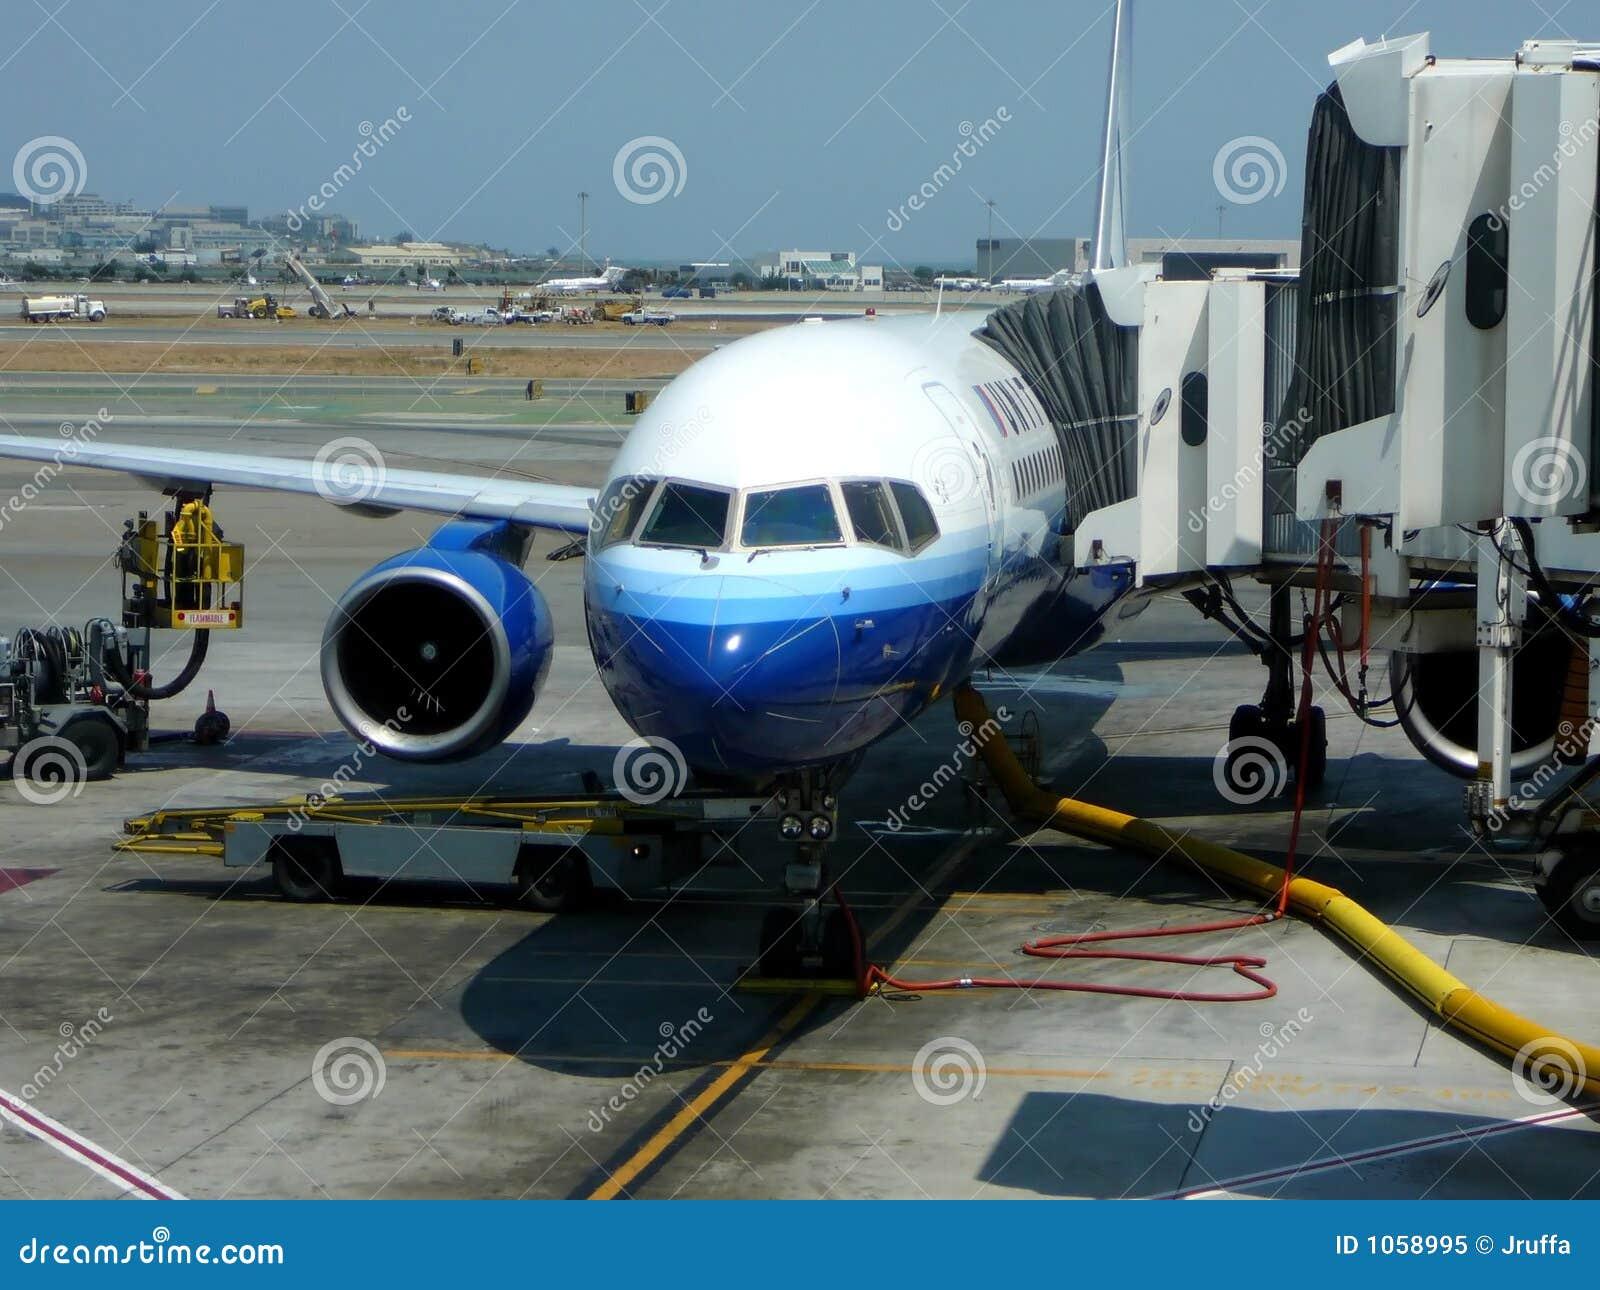 Passenger jet at terminal gate